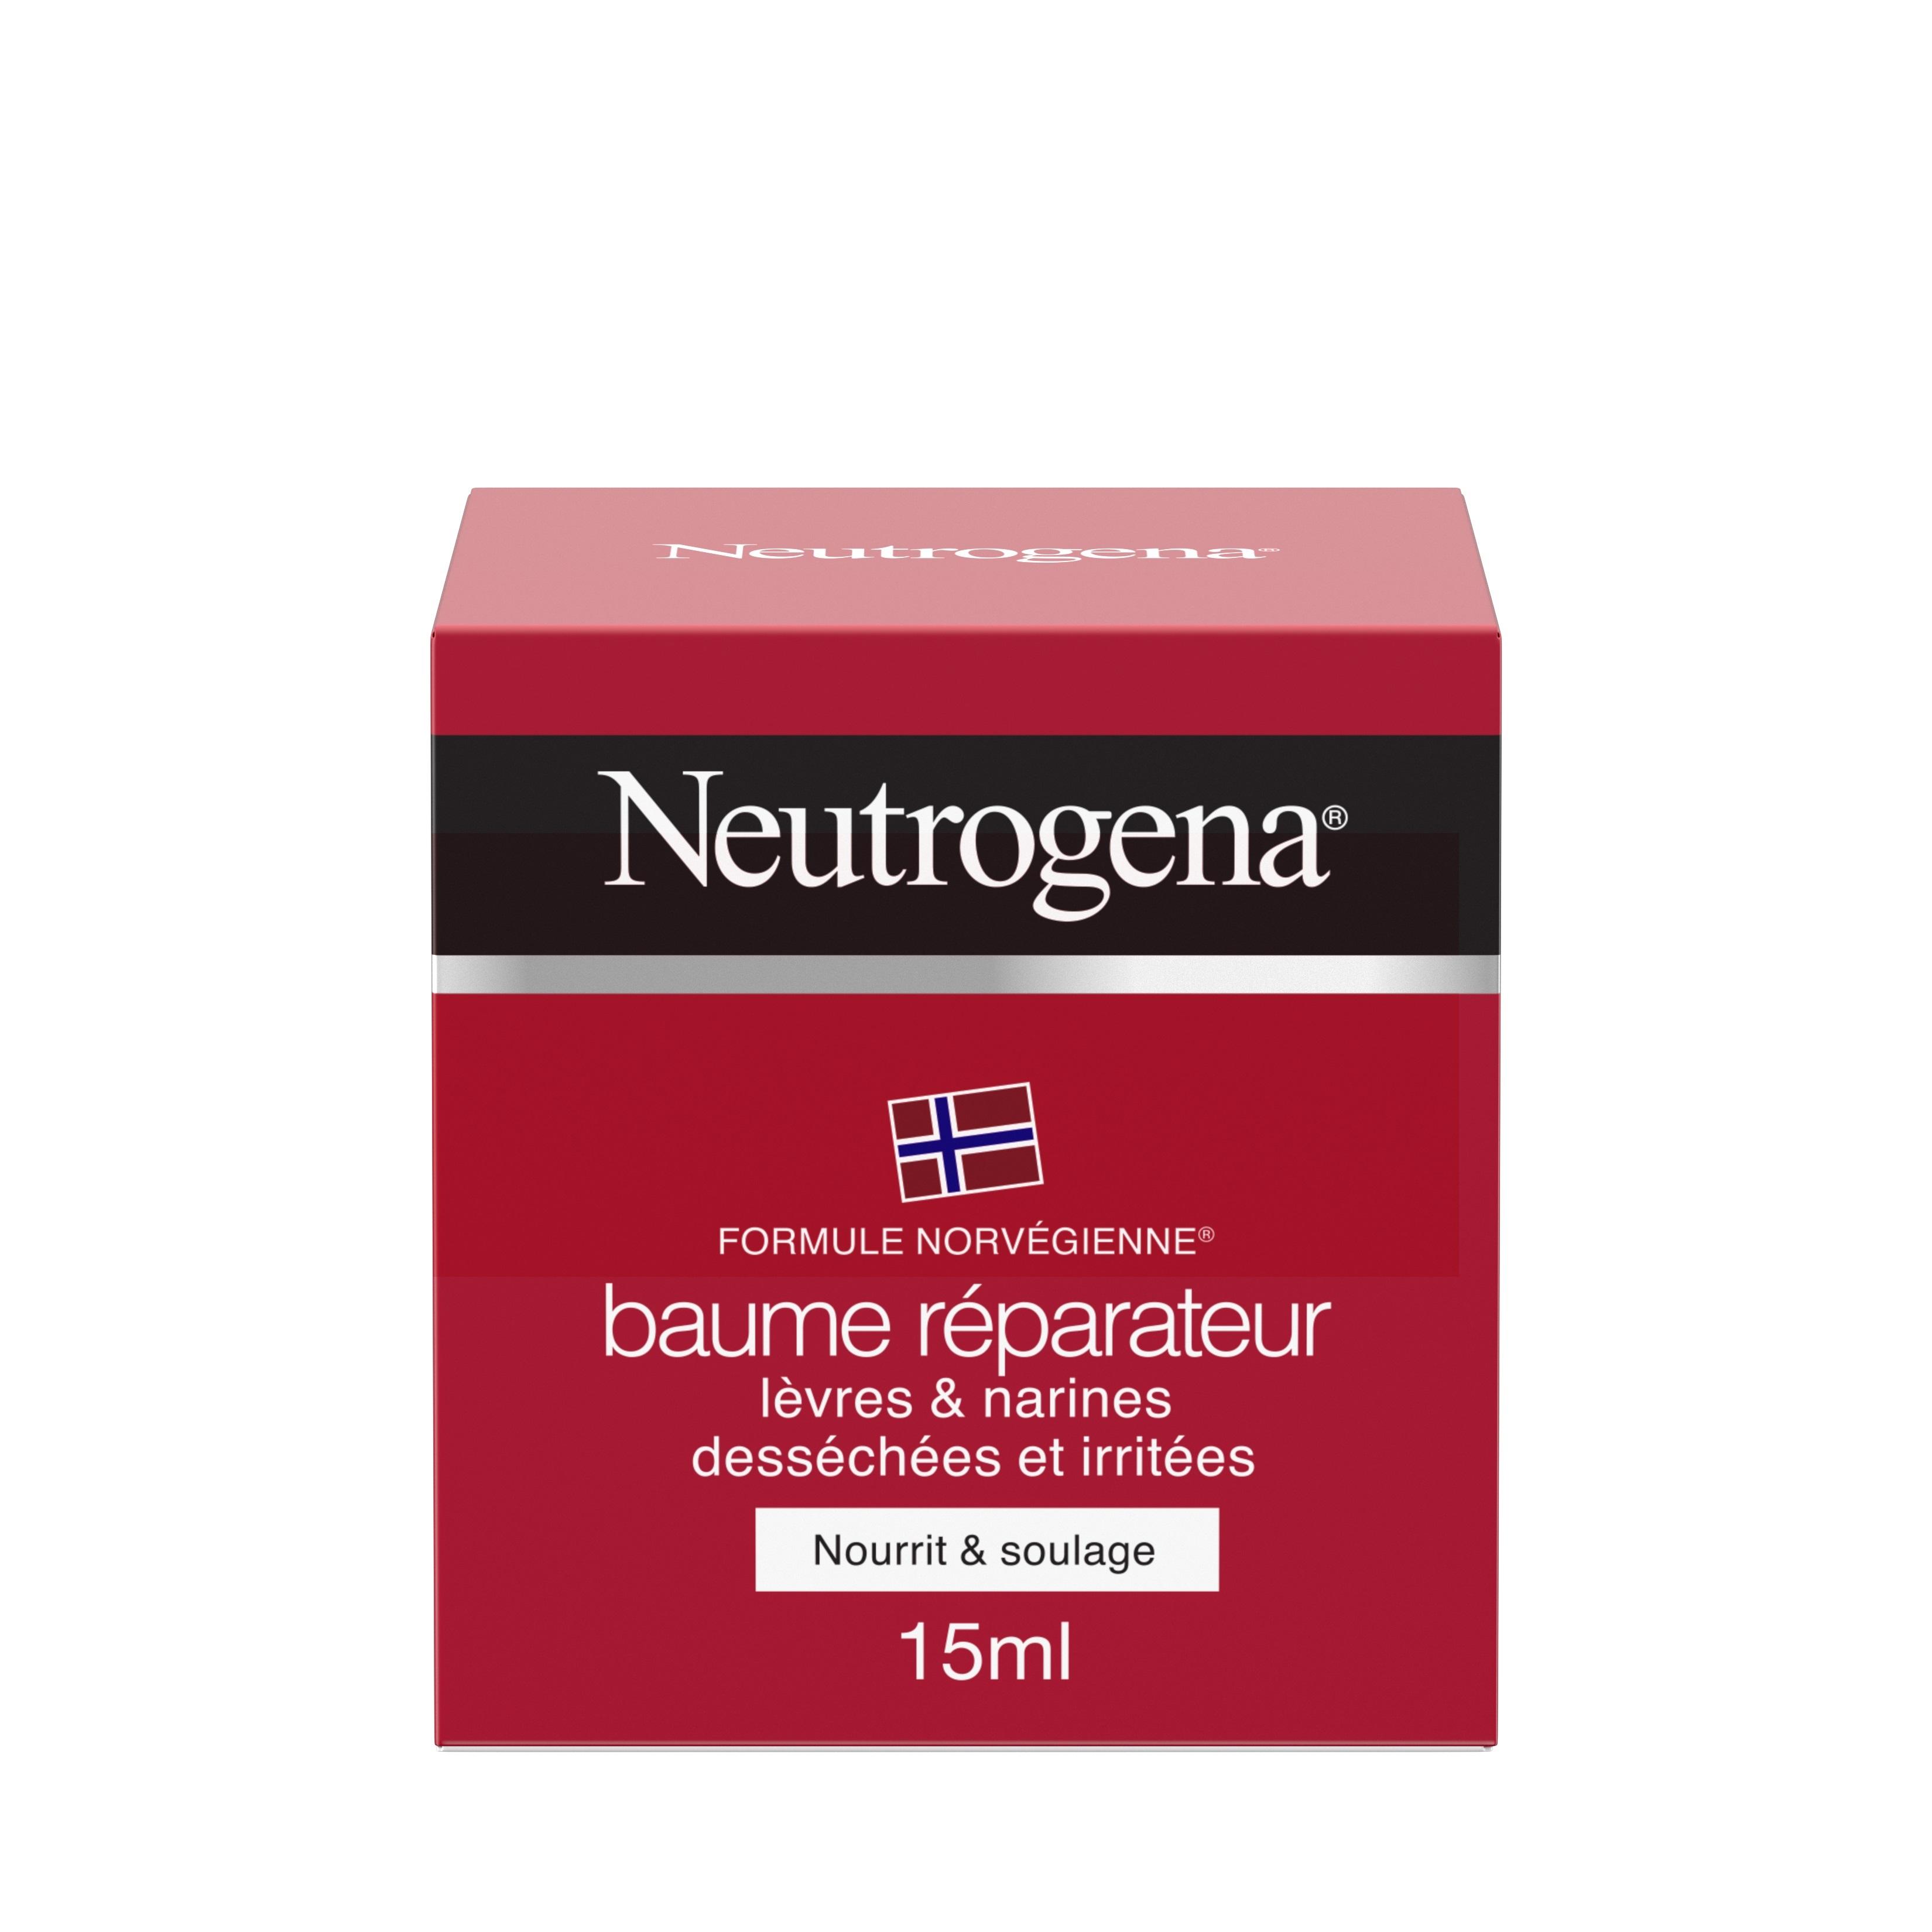 Image of Neutrogena baume lèvres réparation immédiate